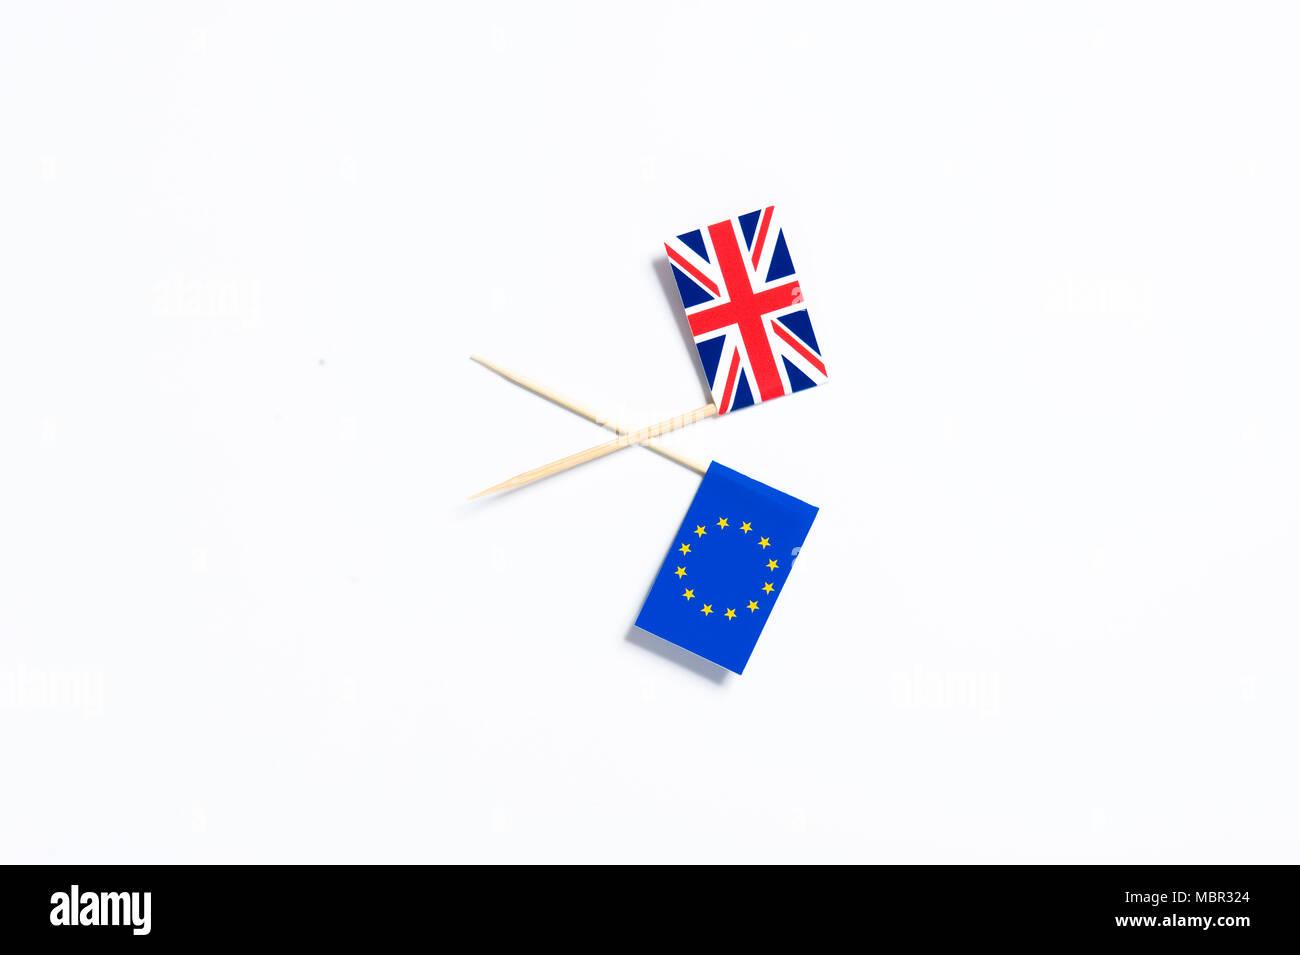 Une Union Jack flag et un drapeau de l'Union européenne sur un fond blanc Banque D'Images